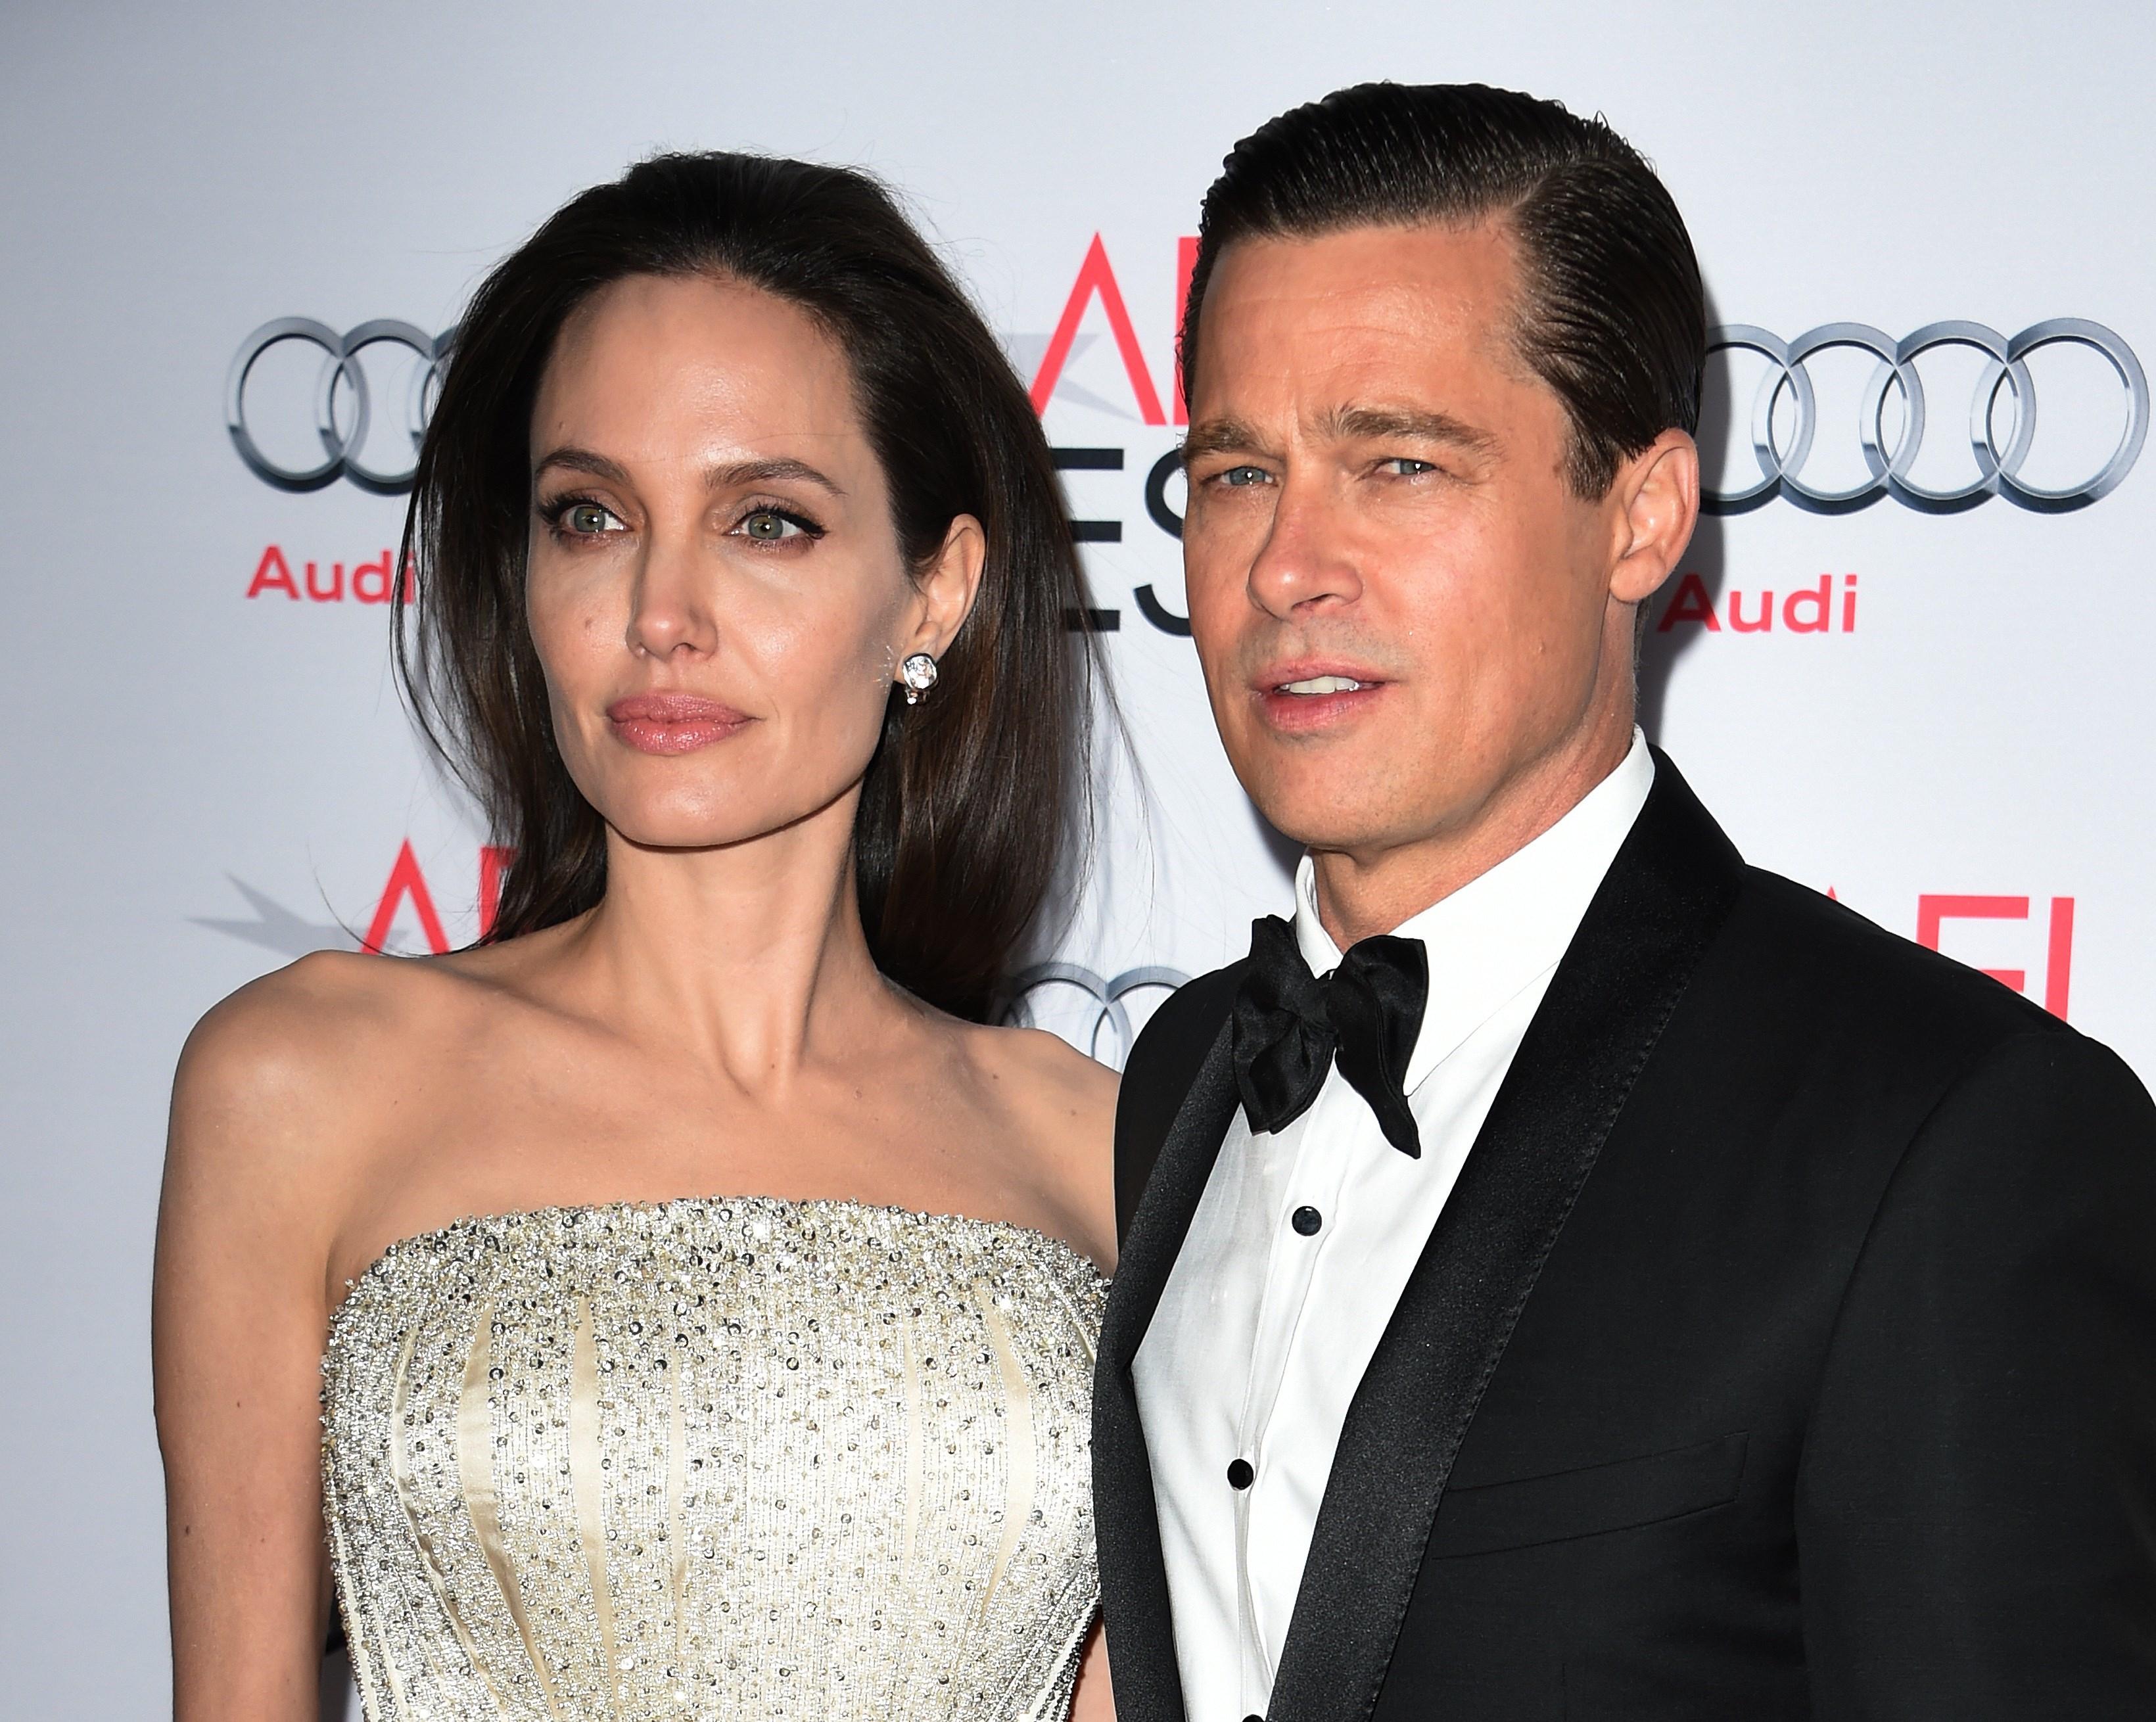 Gezinsuitbreiding voor Brad Pitt en Angelina Jolie?